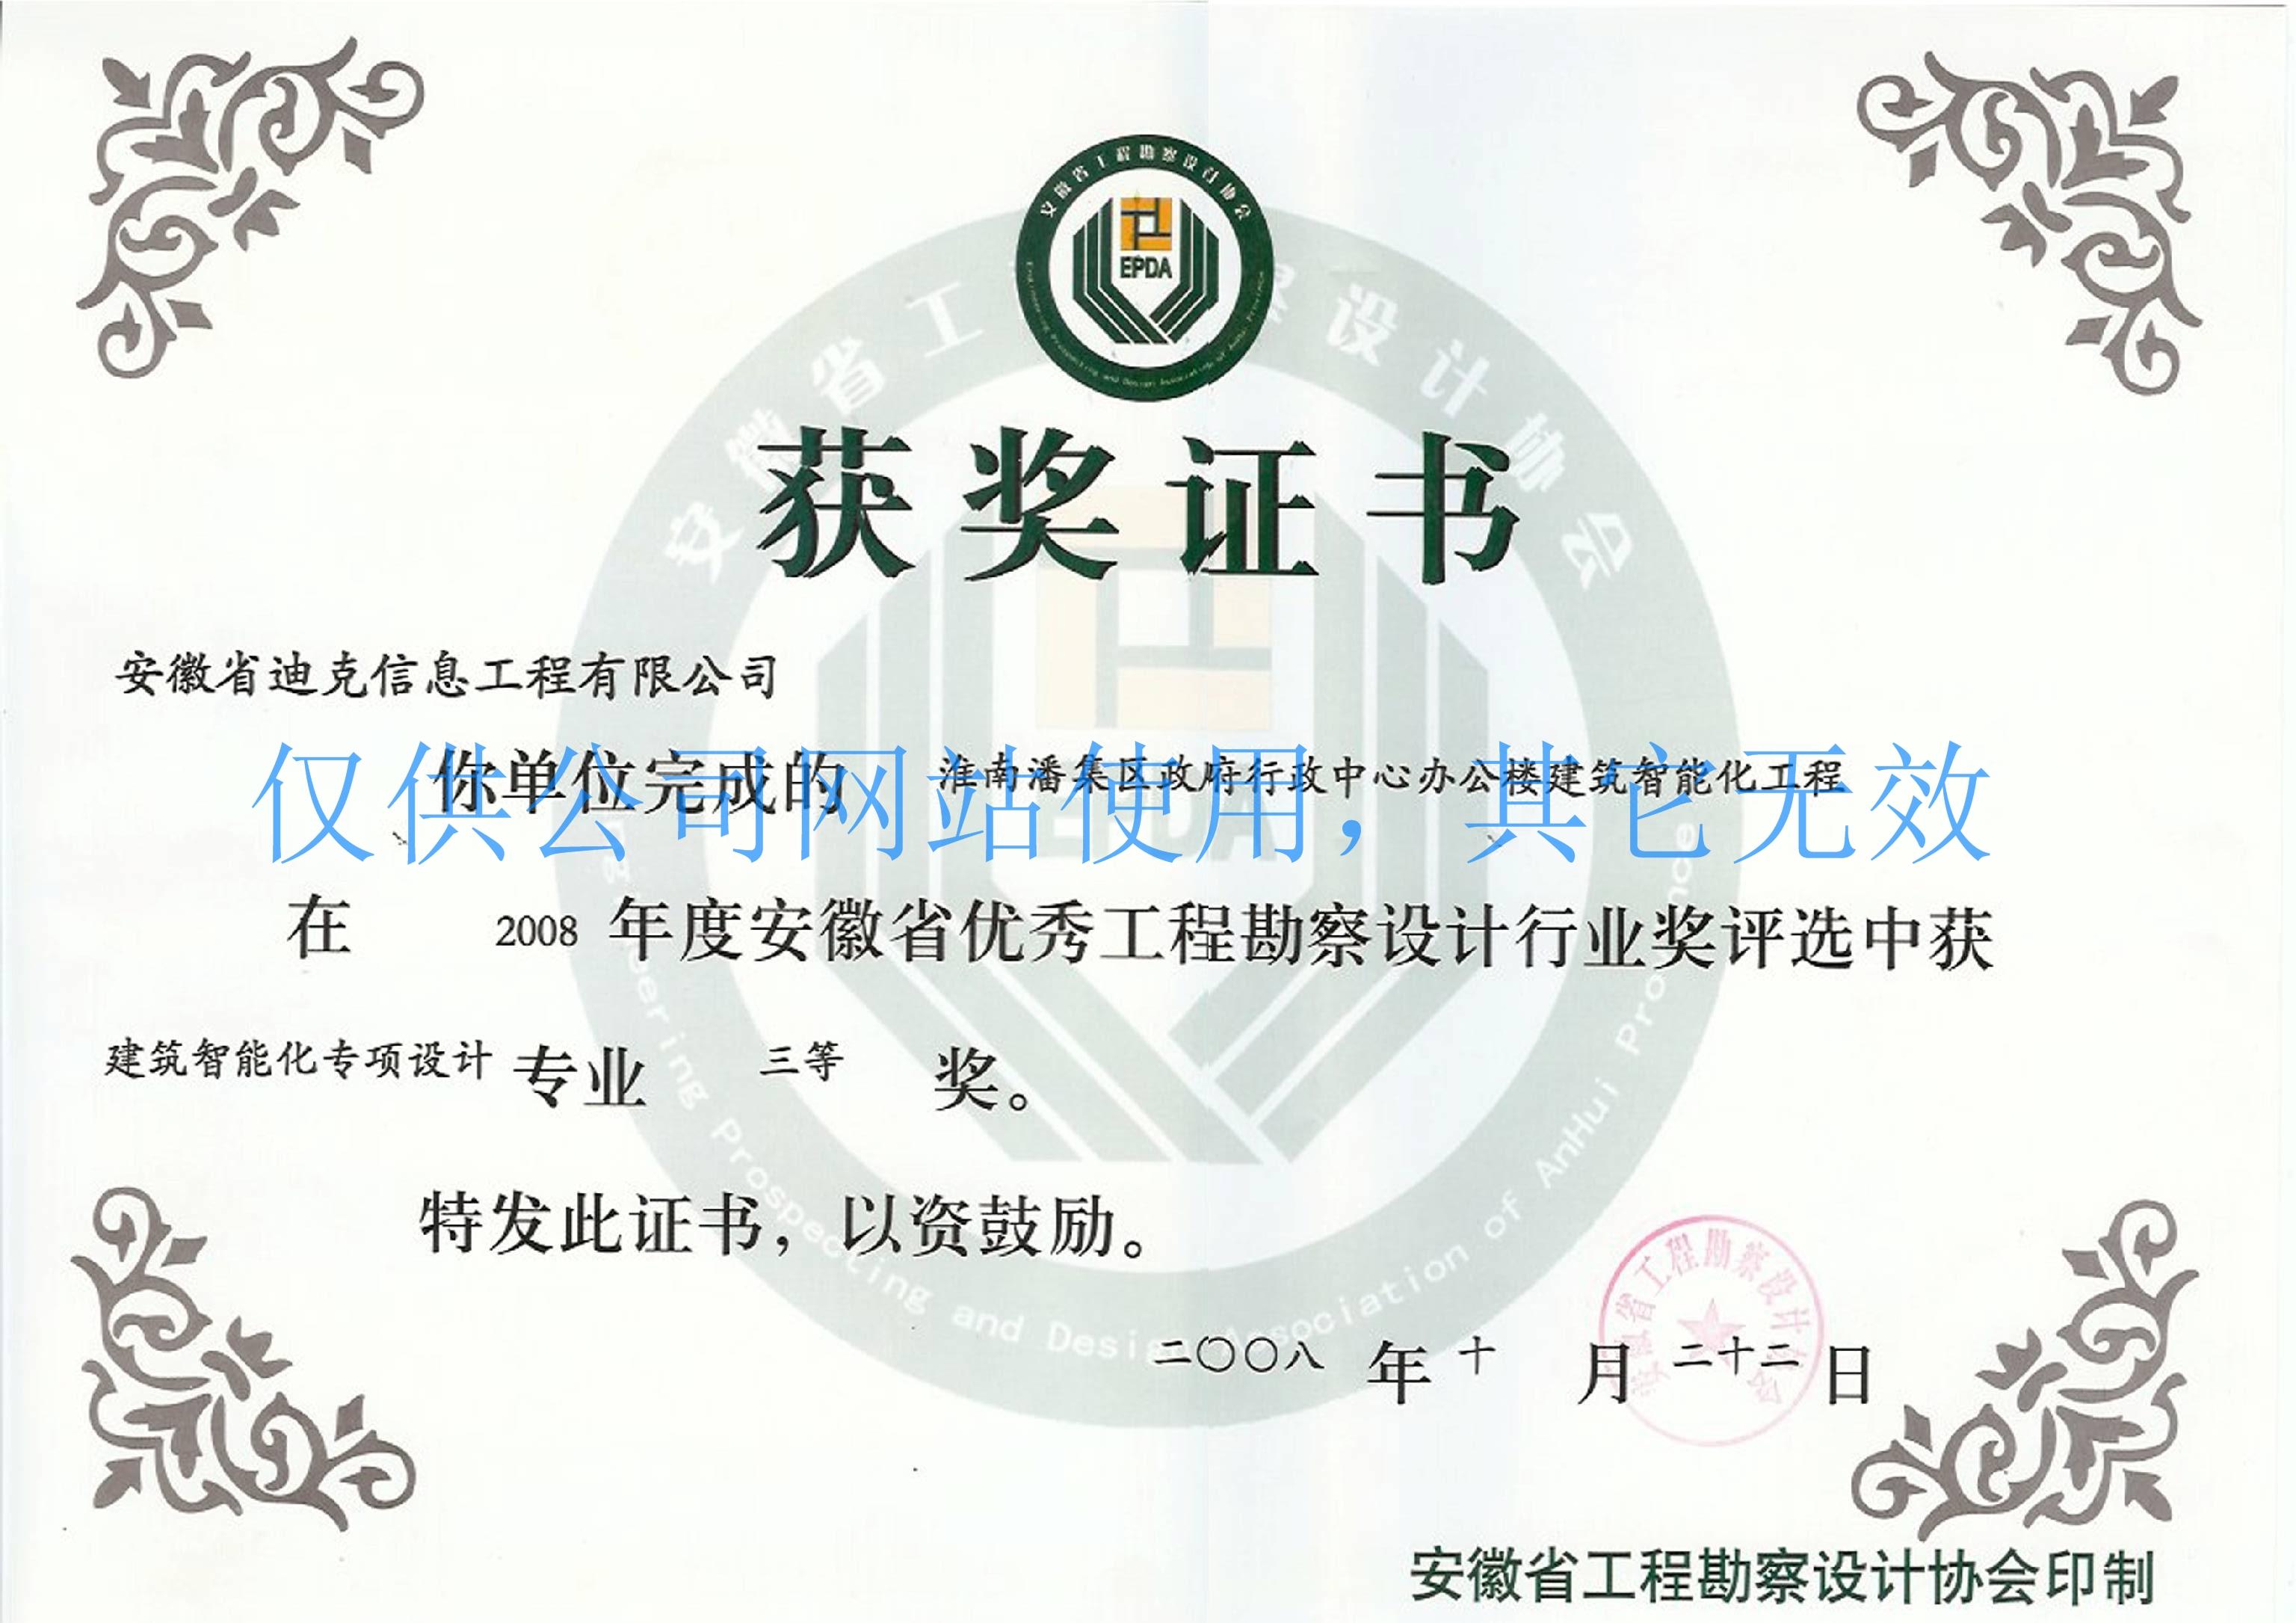 獲獎證書-潘集區政府項目